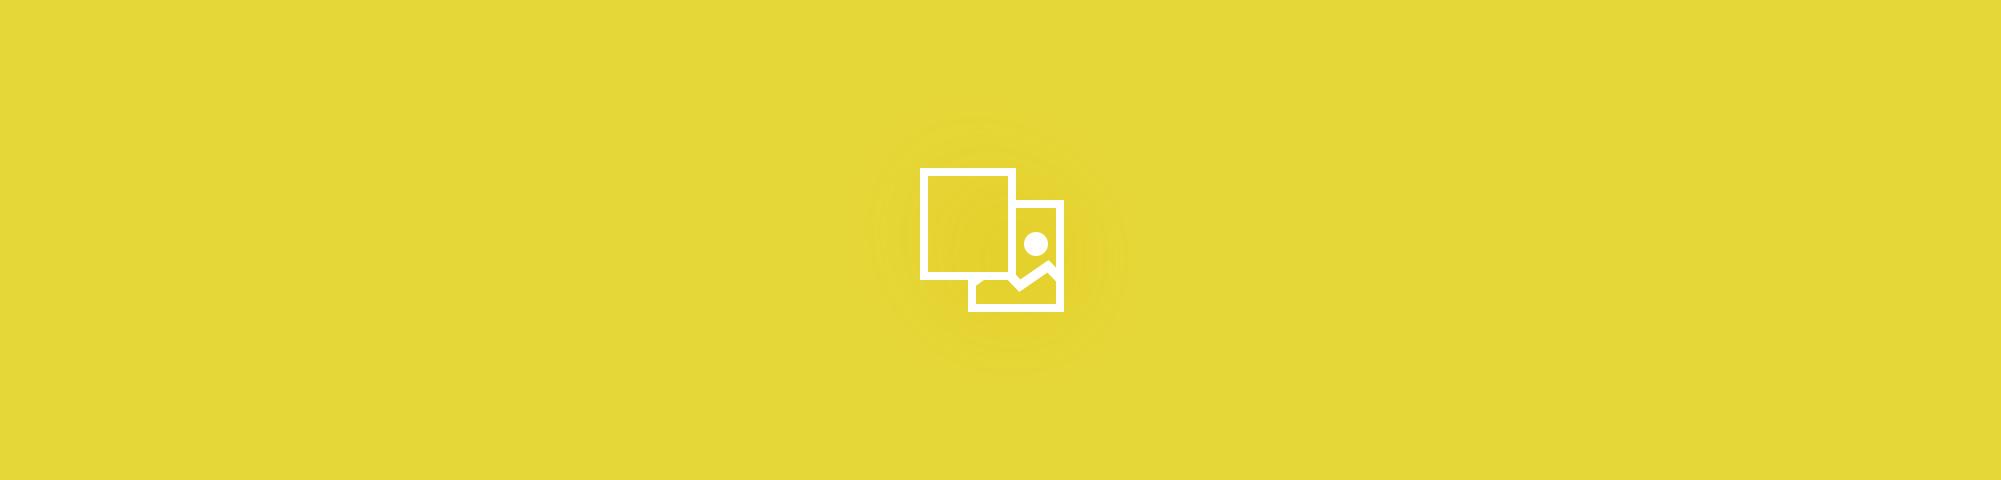 pdf-to-jpg-large@2x